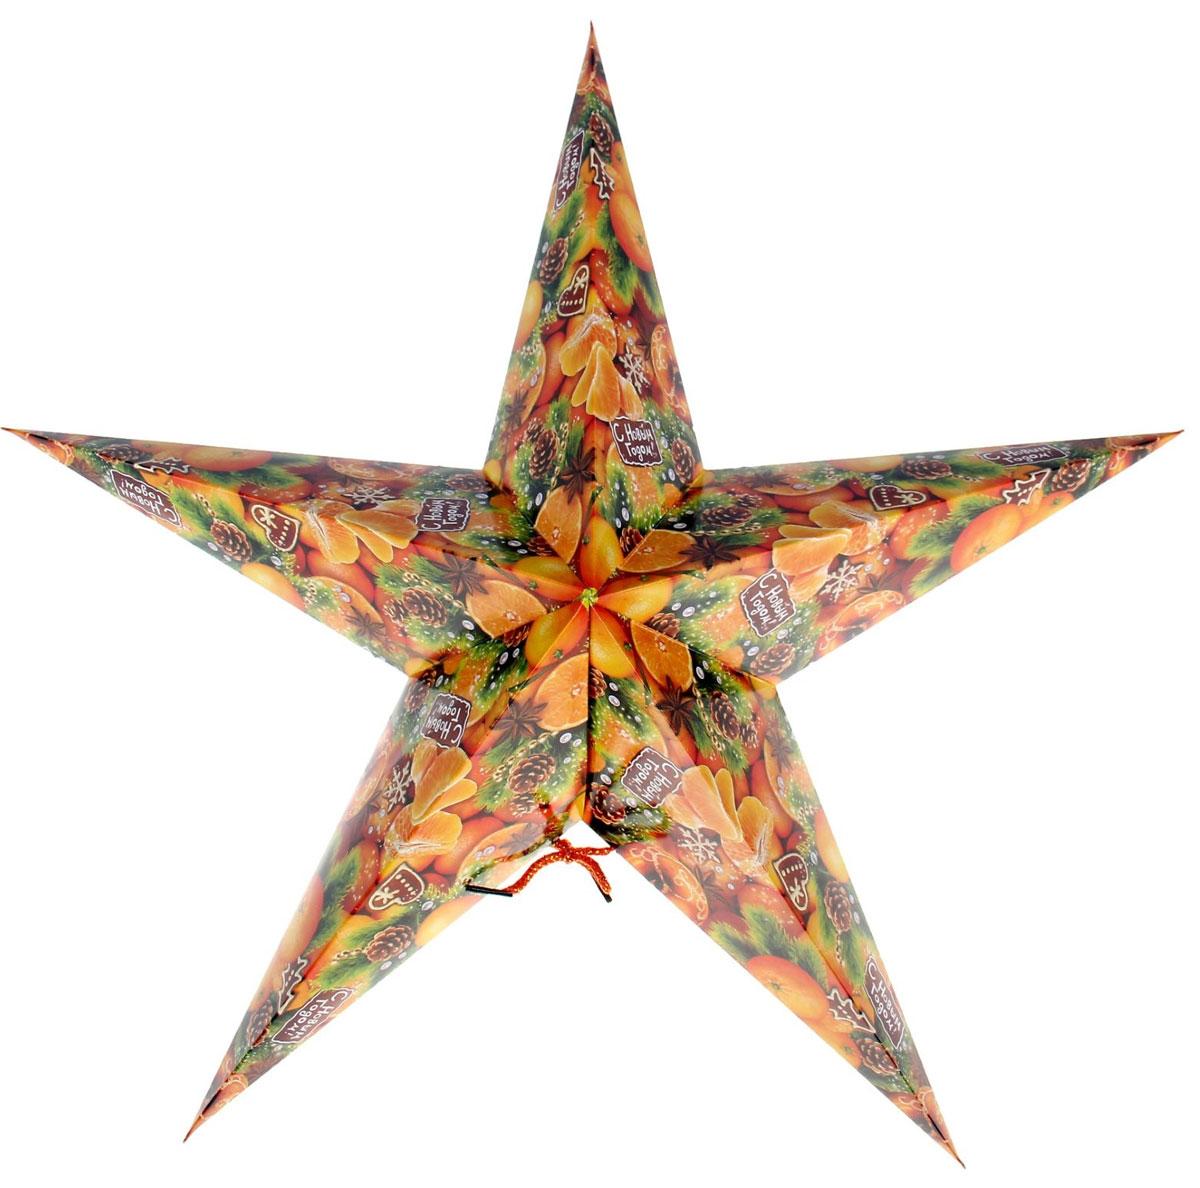 Новогоднее подвесное украшение Sima-land Звезда. Мандарины, 64 х 64 х 25 см1117830Подвесное украшение Sima-land Звезда. Мандарины, выполненное из картона, прекрасно подойдет для праздничного декора интерьера. С помощью шнурка его можно повесить в любом понравившемся вам месте. Новогодние украшения несут в себе волшебство и красоту праздника. Они помогут вам украсить дом к предстоящим праздникам и оживить интерьер по вашему вкусу. Создайте в доме атмосферу тепла, веселья и радости, украшая его всей семьей.